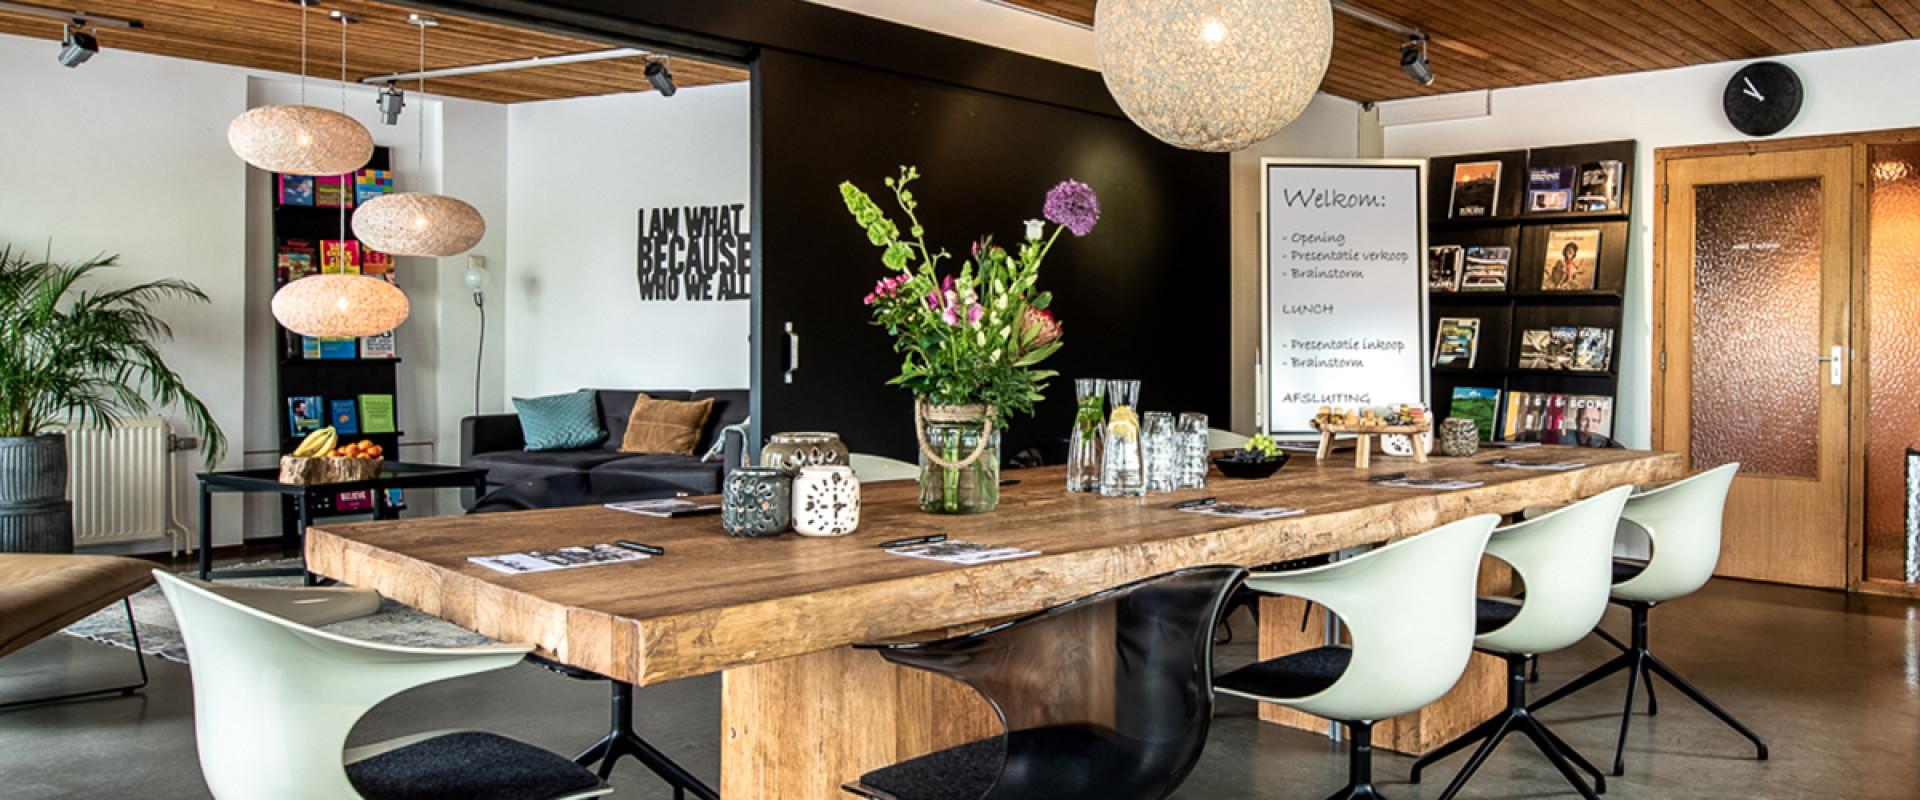 Hoe gaat het nu met Monique Roeg en Jacintha Ruppert van de Amstel tafel?